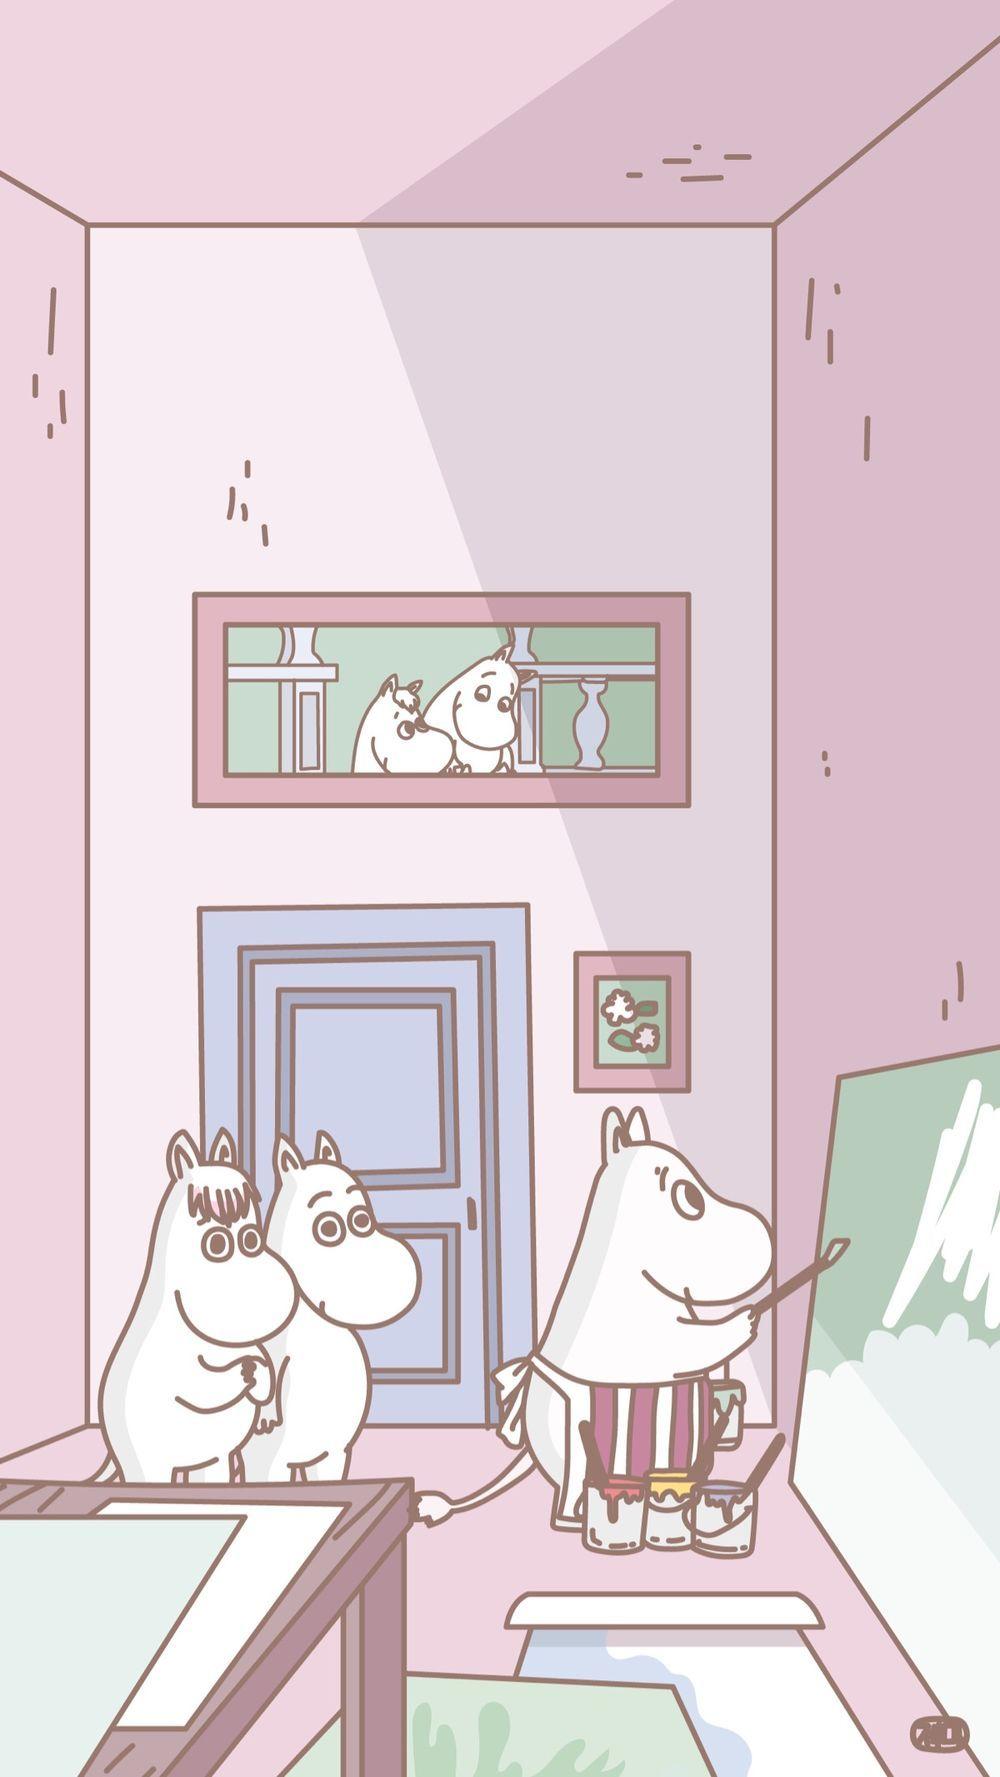 画像 ムーミンmoomin のスマホ壁紙 ホームロック画面 画像 北欧可愛い Naver まとめ Moomin Wallpaper Sanrio Wallpaper Cute Wallpapers